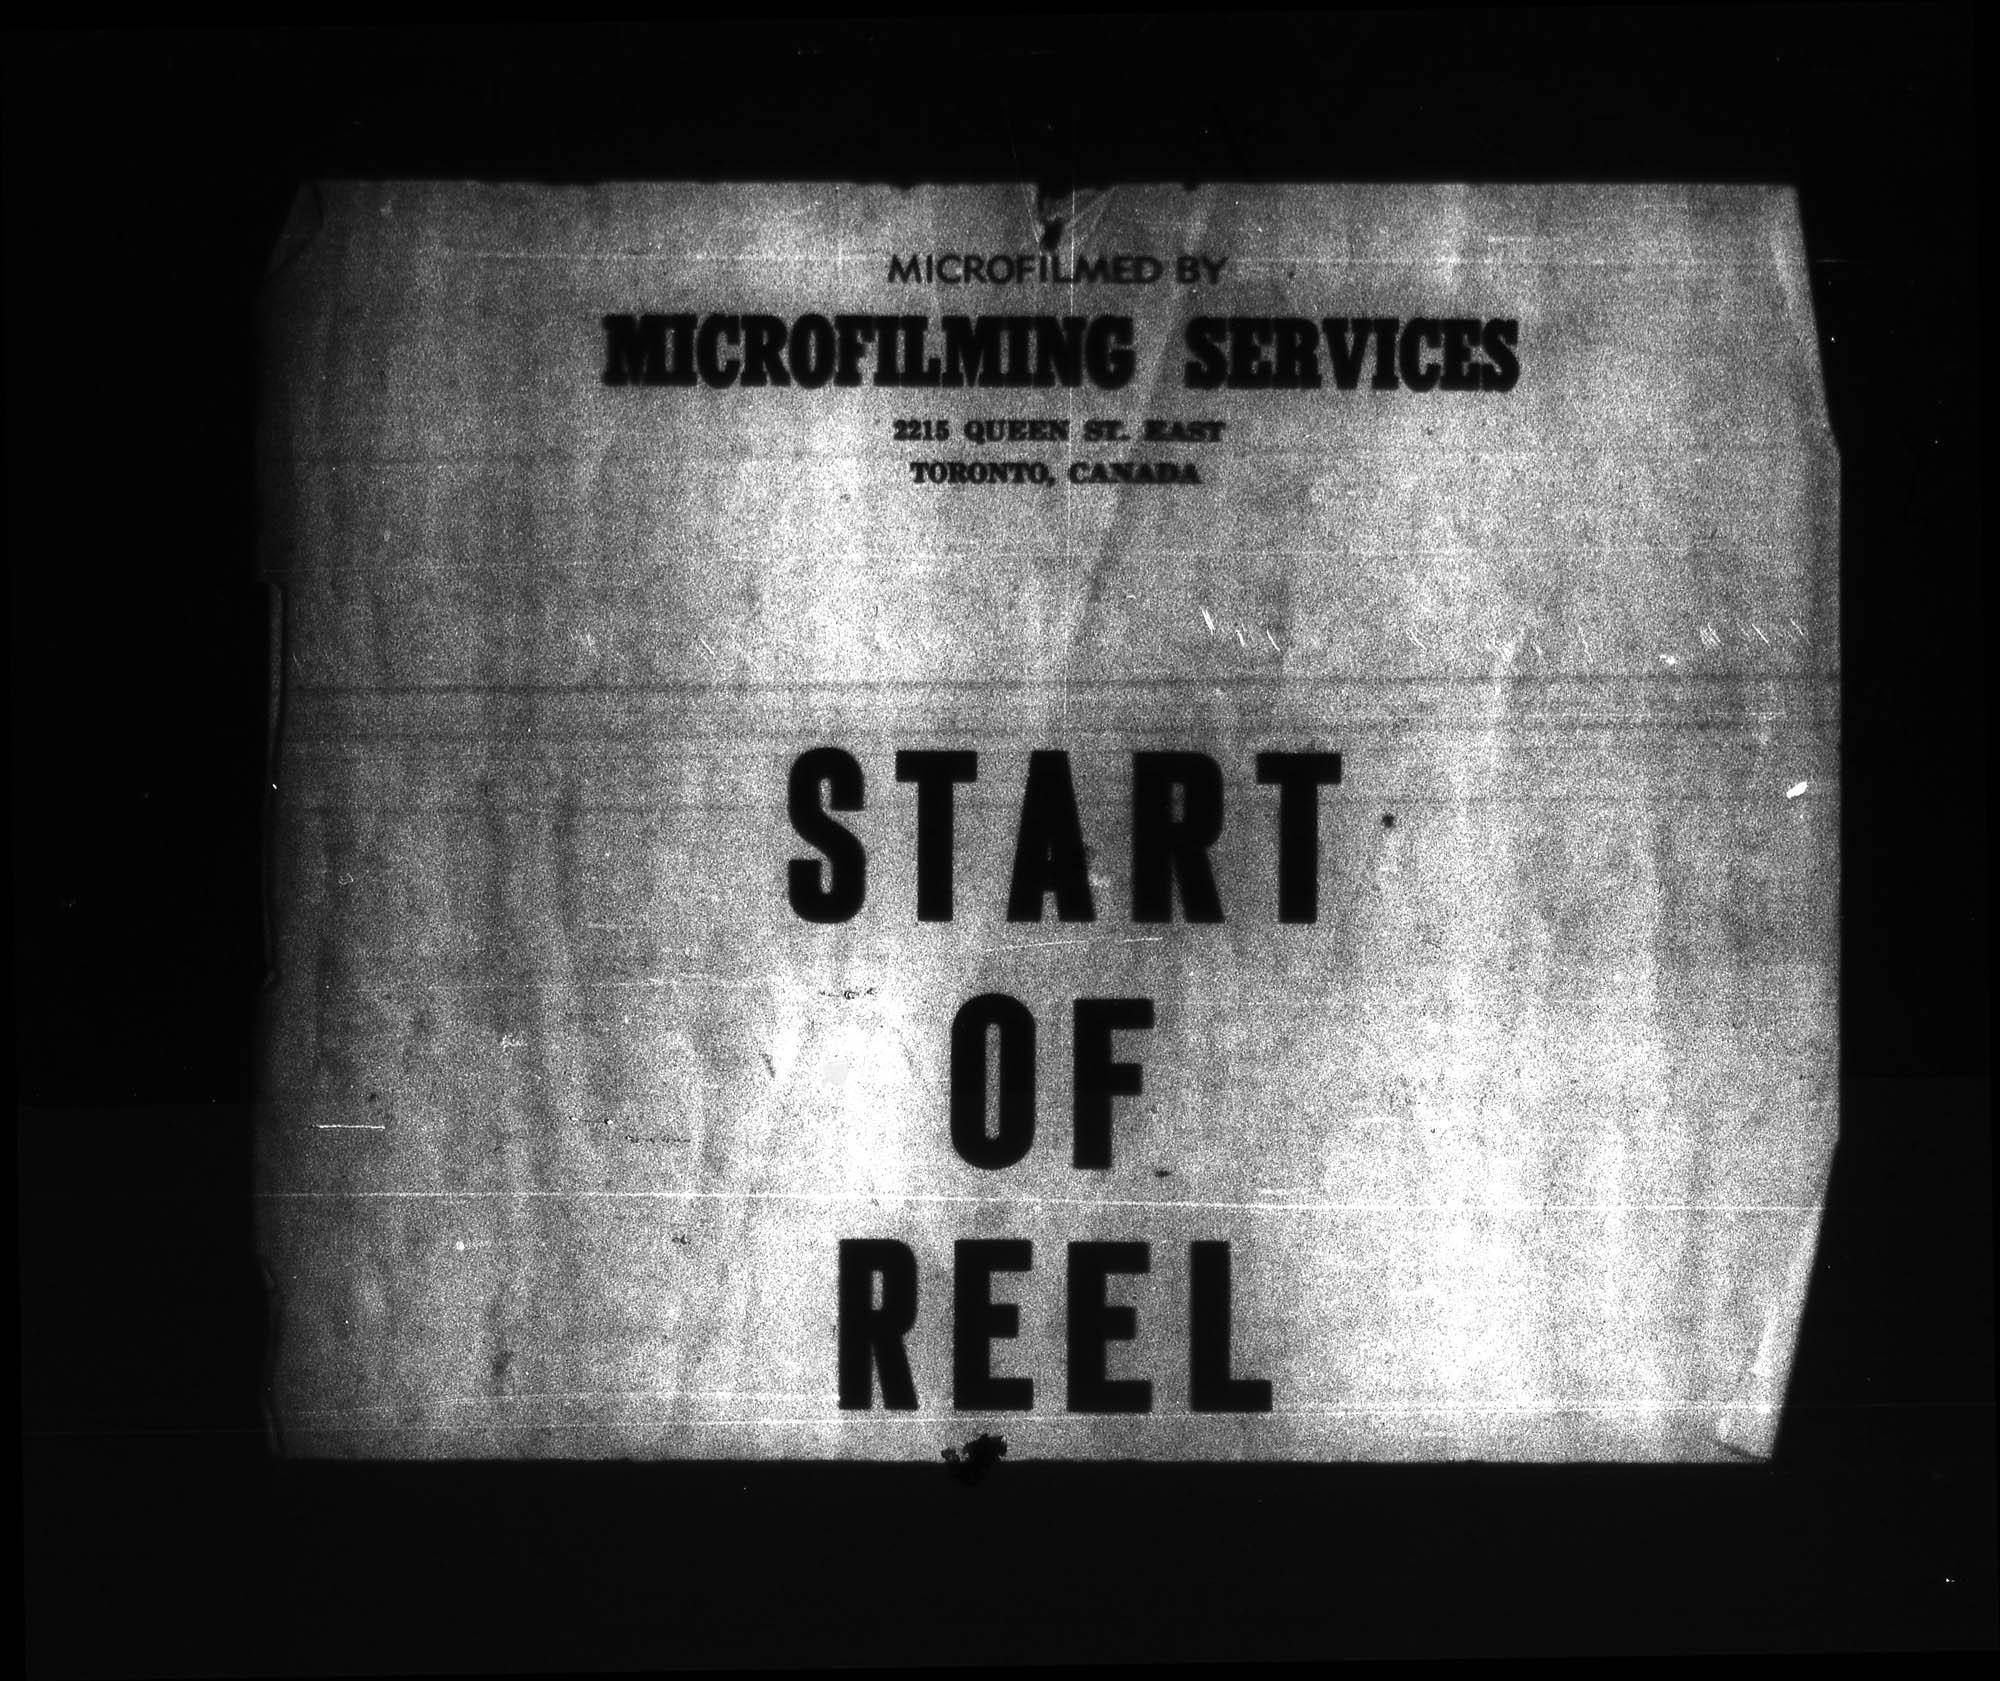 Titre: Arrivées par la frontière, 1908-1918 - N° d'enregistrement Mikan: 179161 - Microforme: t-5507